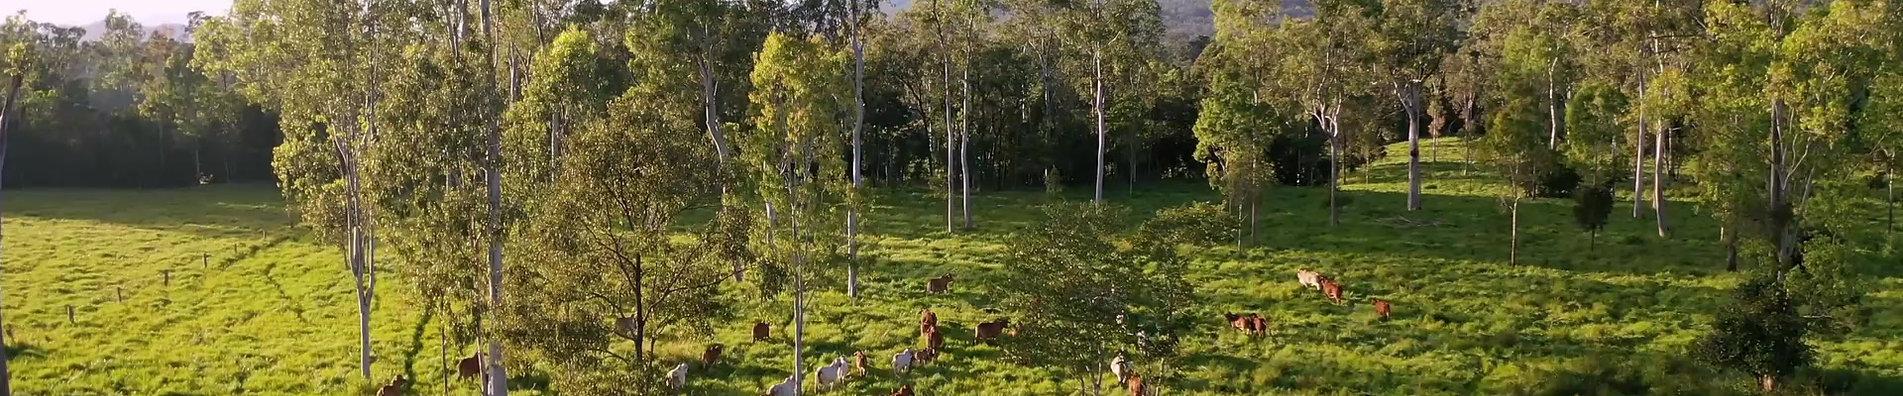 Palm Creek Breeders graizing in a frsh paddock.